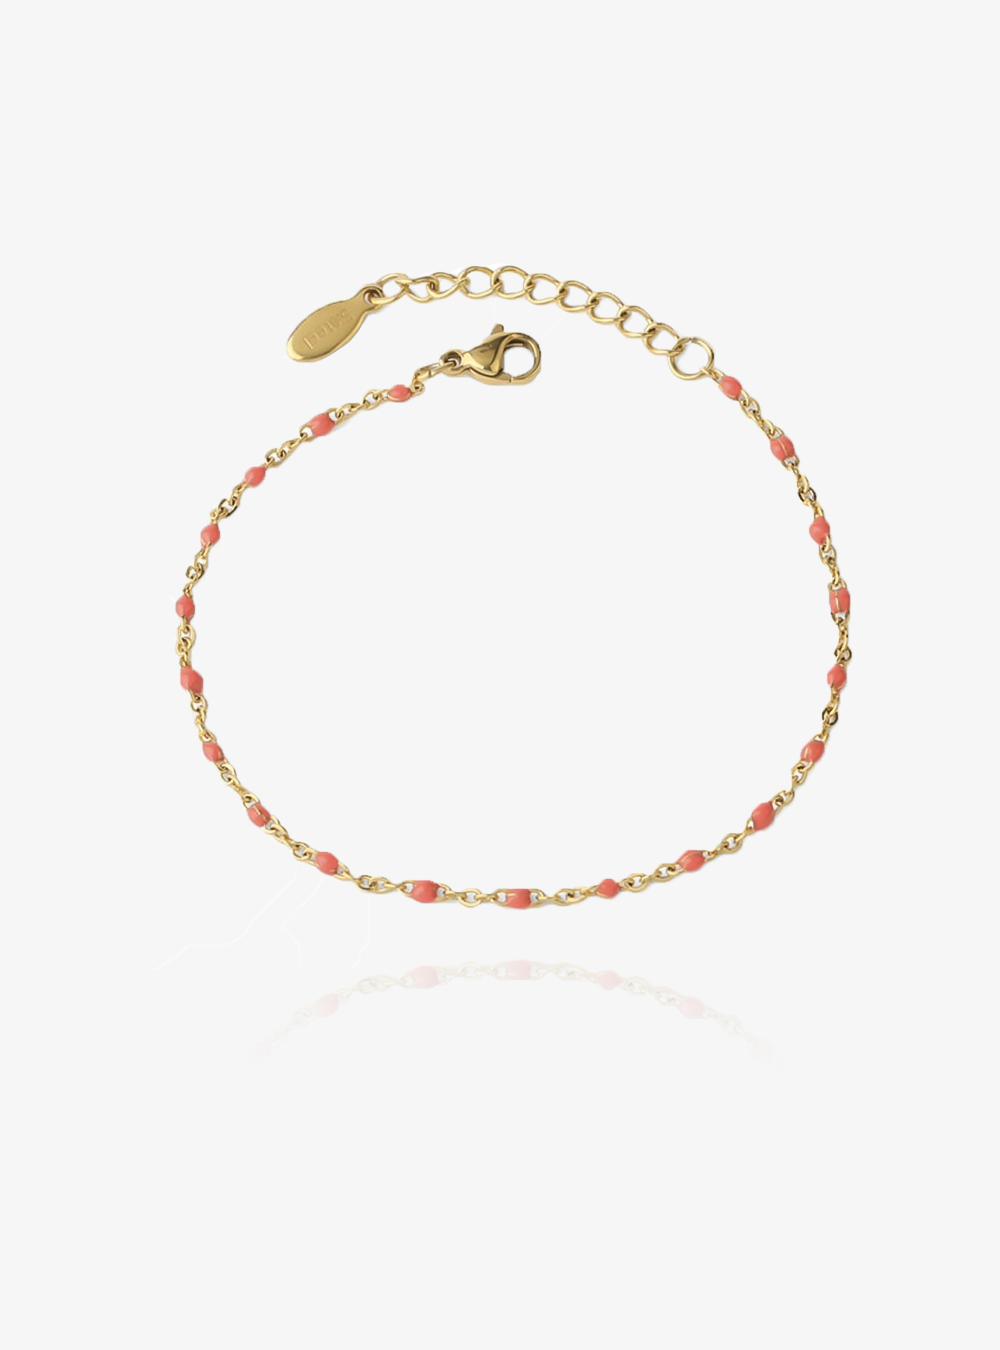 Coline koral – Guld armbånd